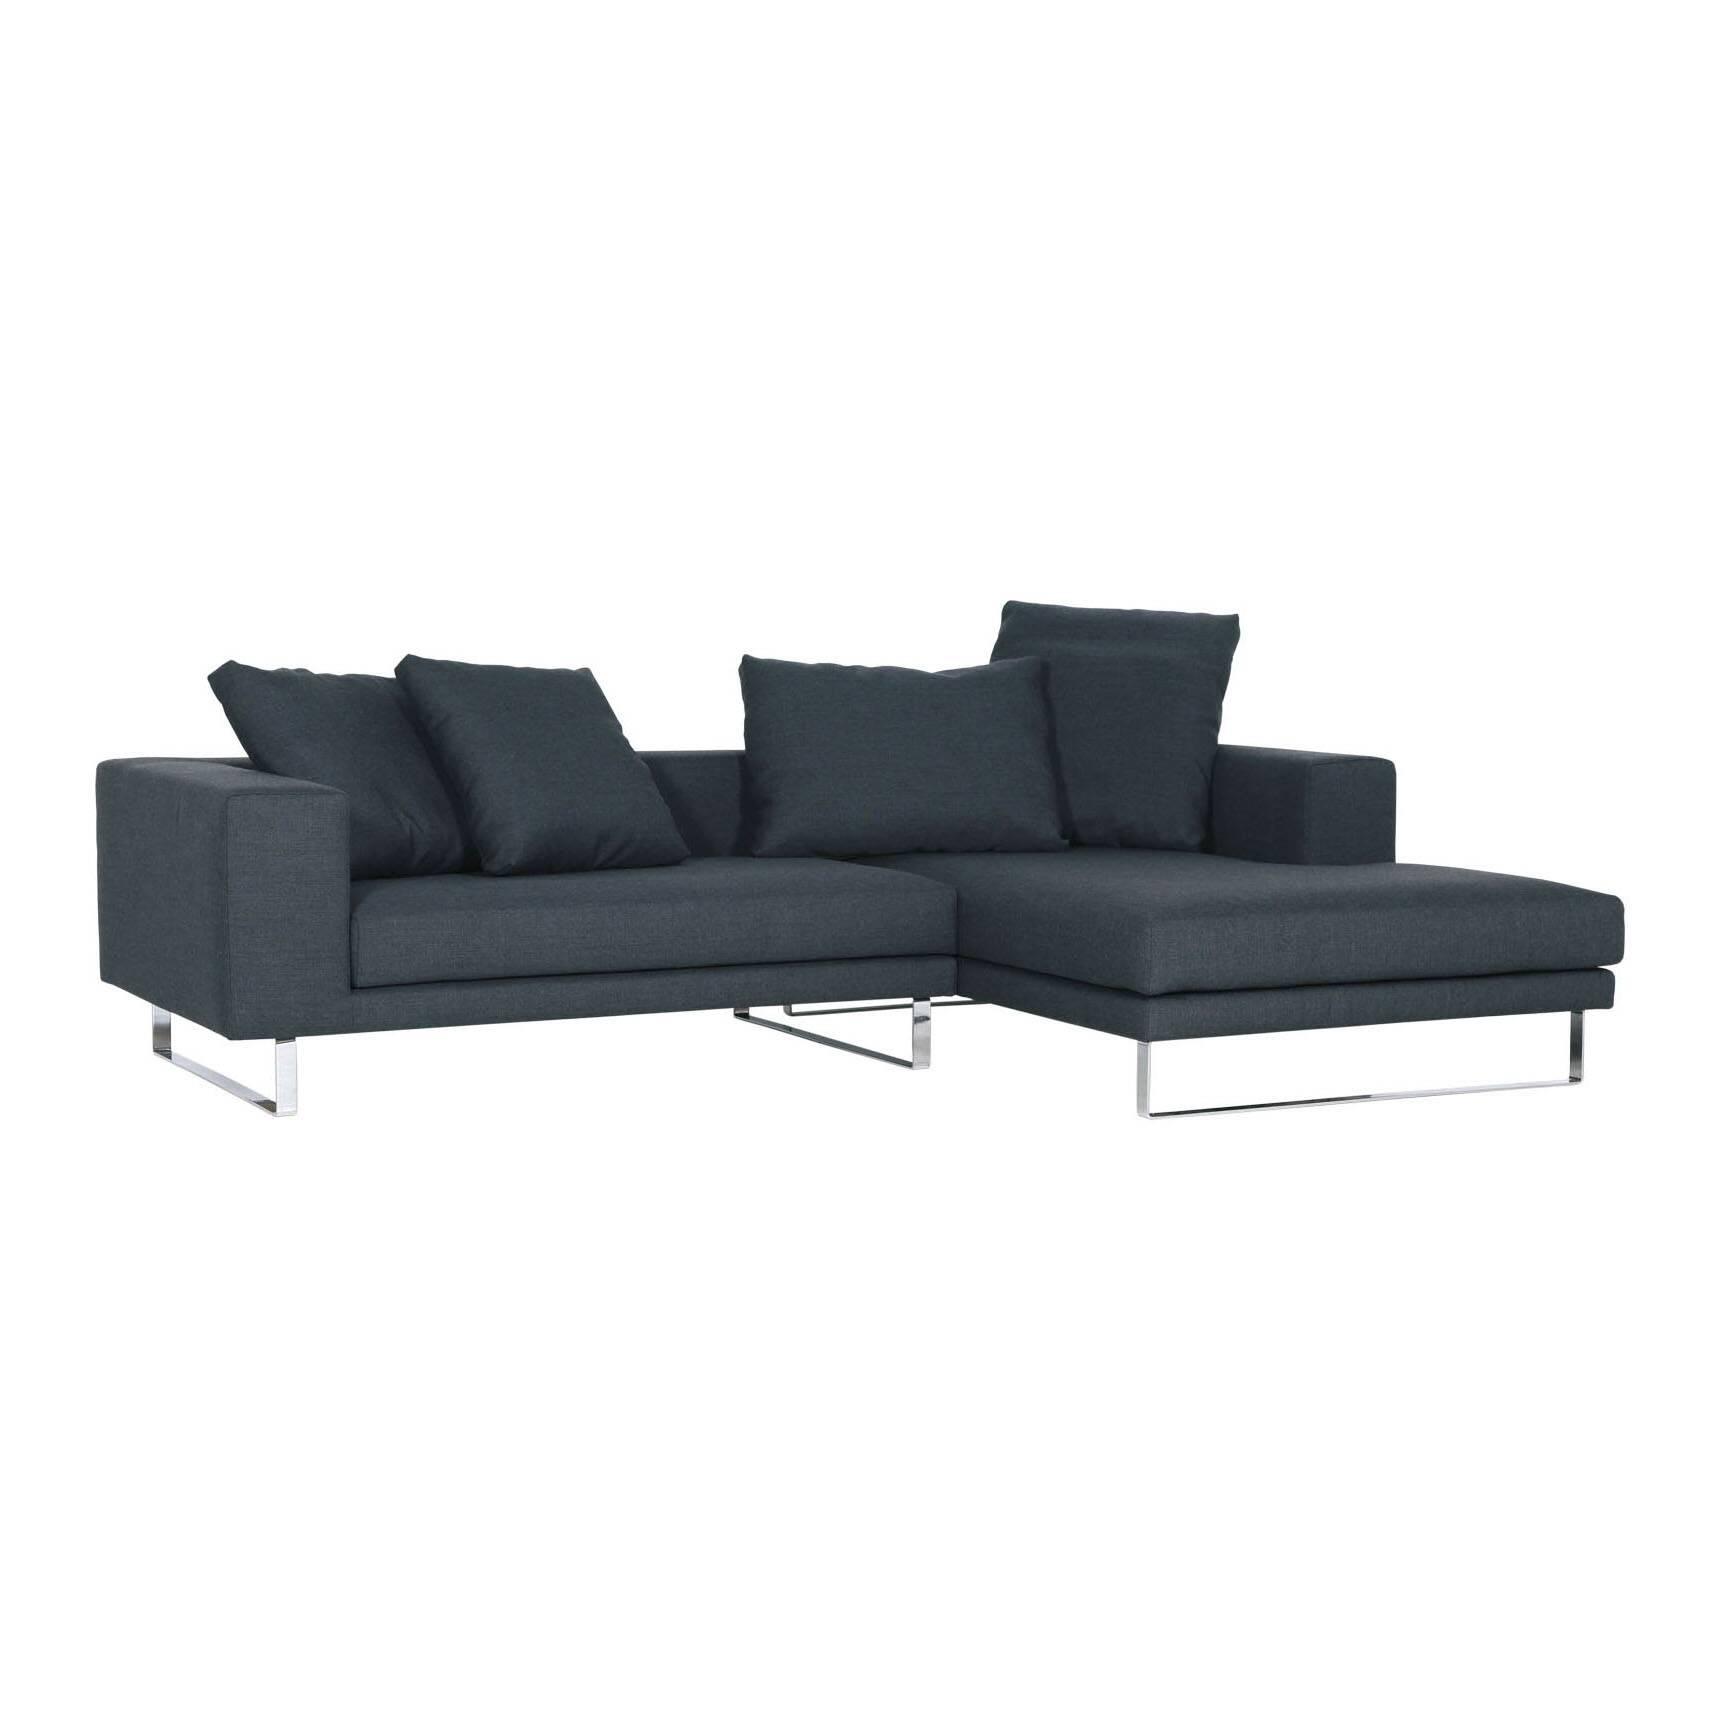 Угловой диван Linnea правостороннийУгловые<br>Дизайнерский комфортный темно-синий диван Linnea (Линея) на высоких ножках от Sits (Ситс).<br> Великолепный угловой диван Linnea правосторонний, созданный ведущими дизайнерами мебельной компании Sits, способен стать незаменимым и ярким элементом любого интерьера. Конструкция углового дивана позволит вам расположиться с максимальным удобством и насладиться полноценным отдыхом с чашечкой чая или любимой книгой. Набор декоративных подушек различного размера поможет вам расслабиться и кроме того в...<br><br>stock: 0<br>Высота: 64<br>Высота сиденья: 40<br>Глубина: 102<br>Длина: 267<br>Цвет ножек: Хром<br>Материал обивки: Хлопок, Лен<br>Степень комфортности: Стандарт комфорт<br>Форма подлокотников: Стандарт<br>Коллекция ткани: Категория ткани II<br>Тип материала обивки: Ткань<br>Тип материала ножек: Сталь нержавеющая<br>Длина шезлонга (см): 200<br>Цвет обивки: Тёмно-синий